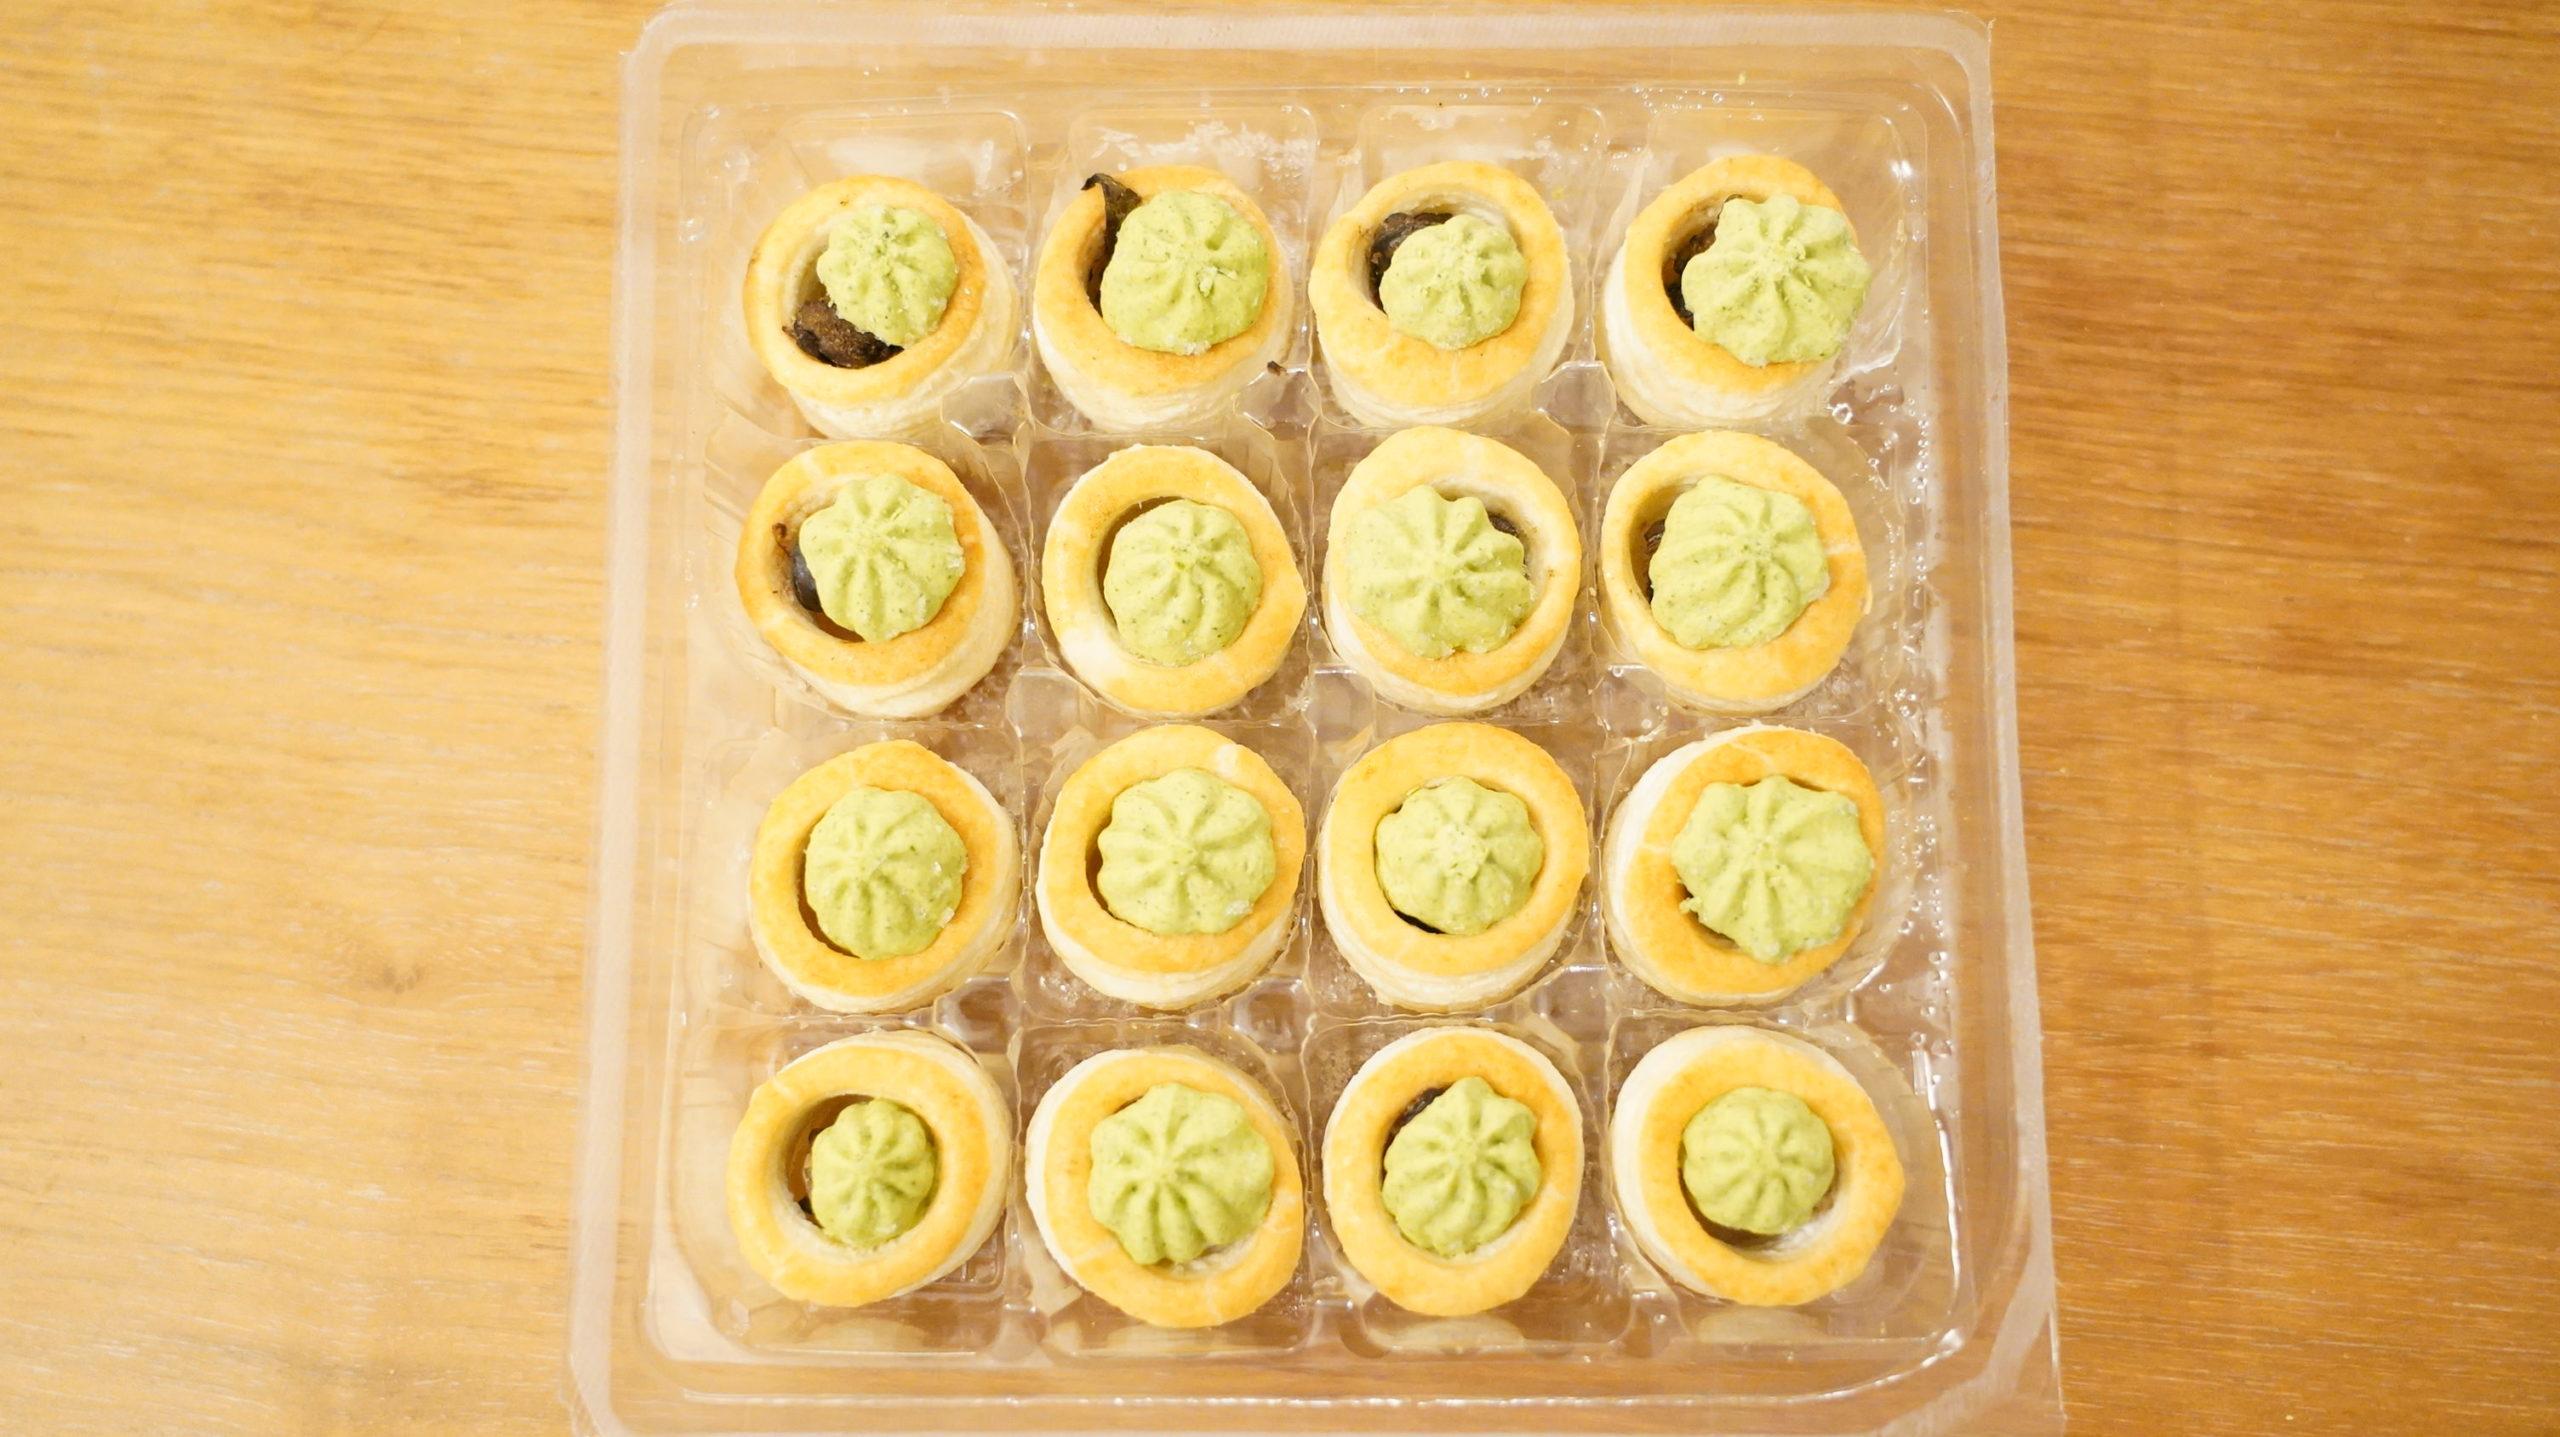 ピカールの冷凍食品「エスカルゴのミニパイ」が16個入っている写真